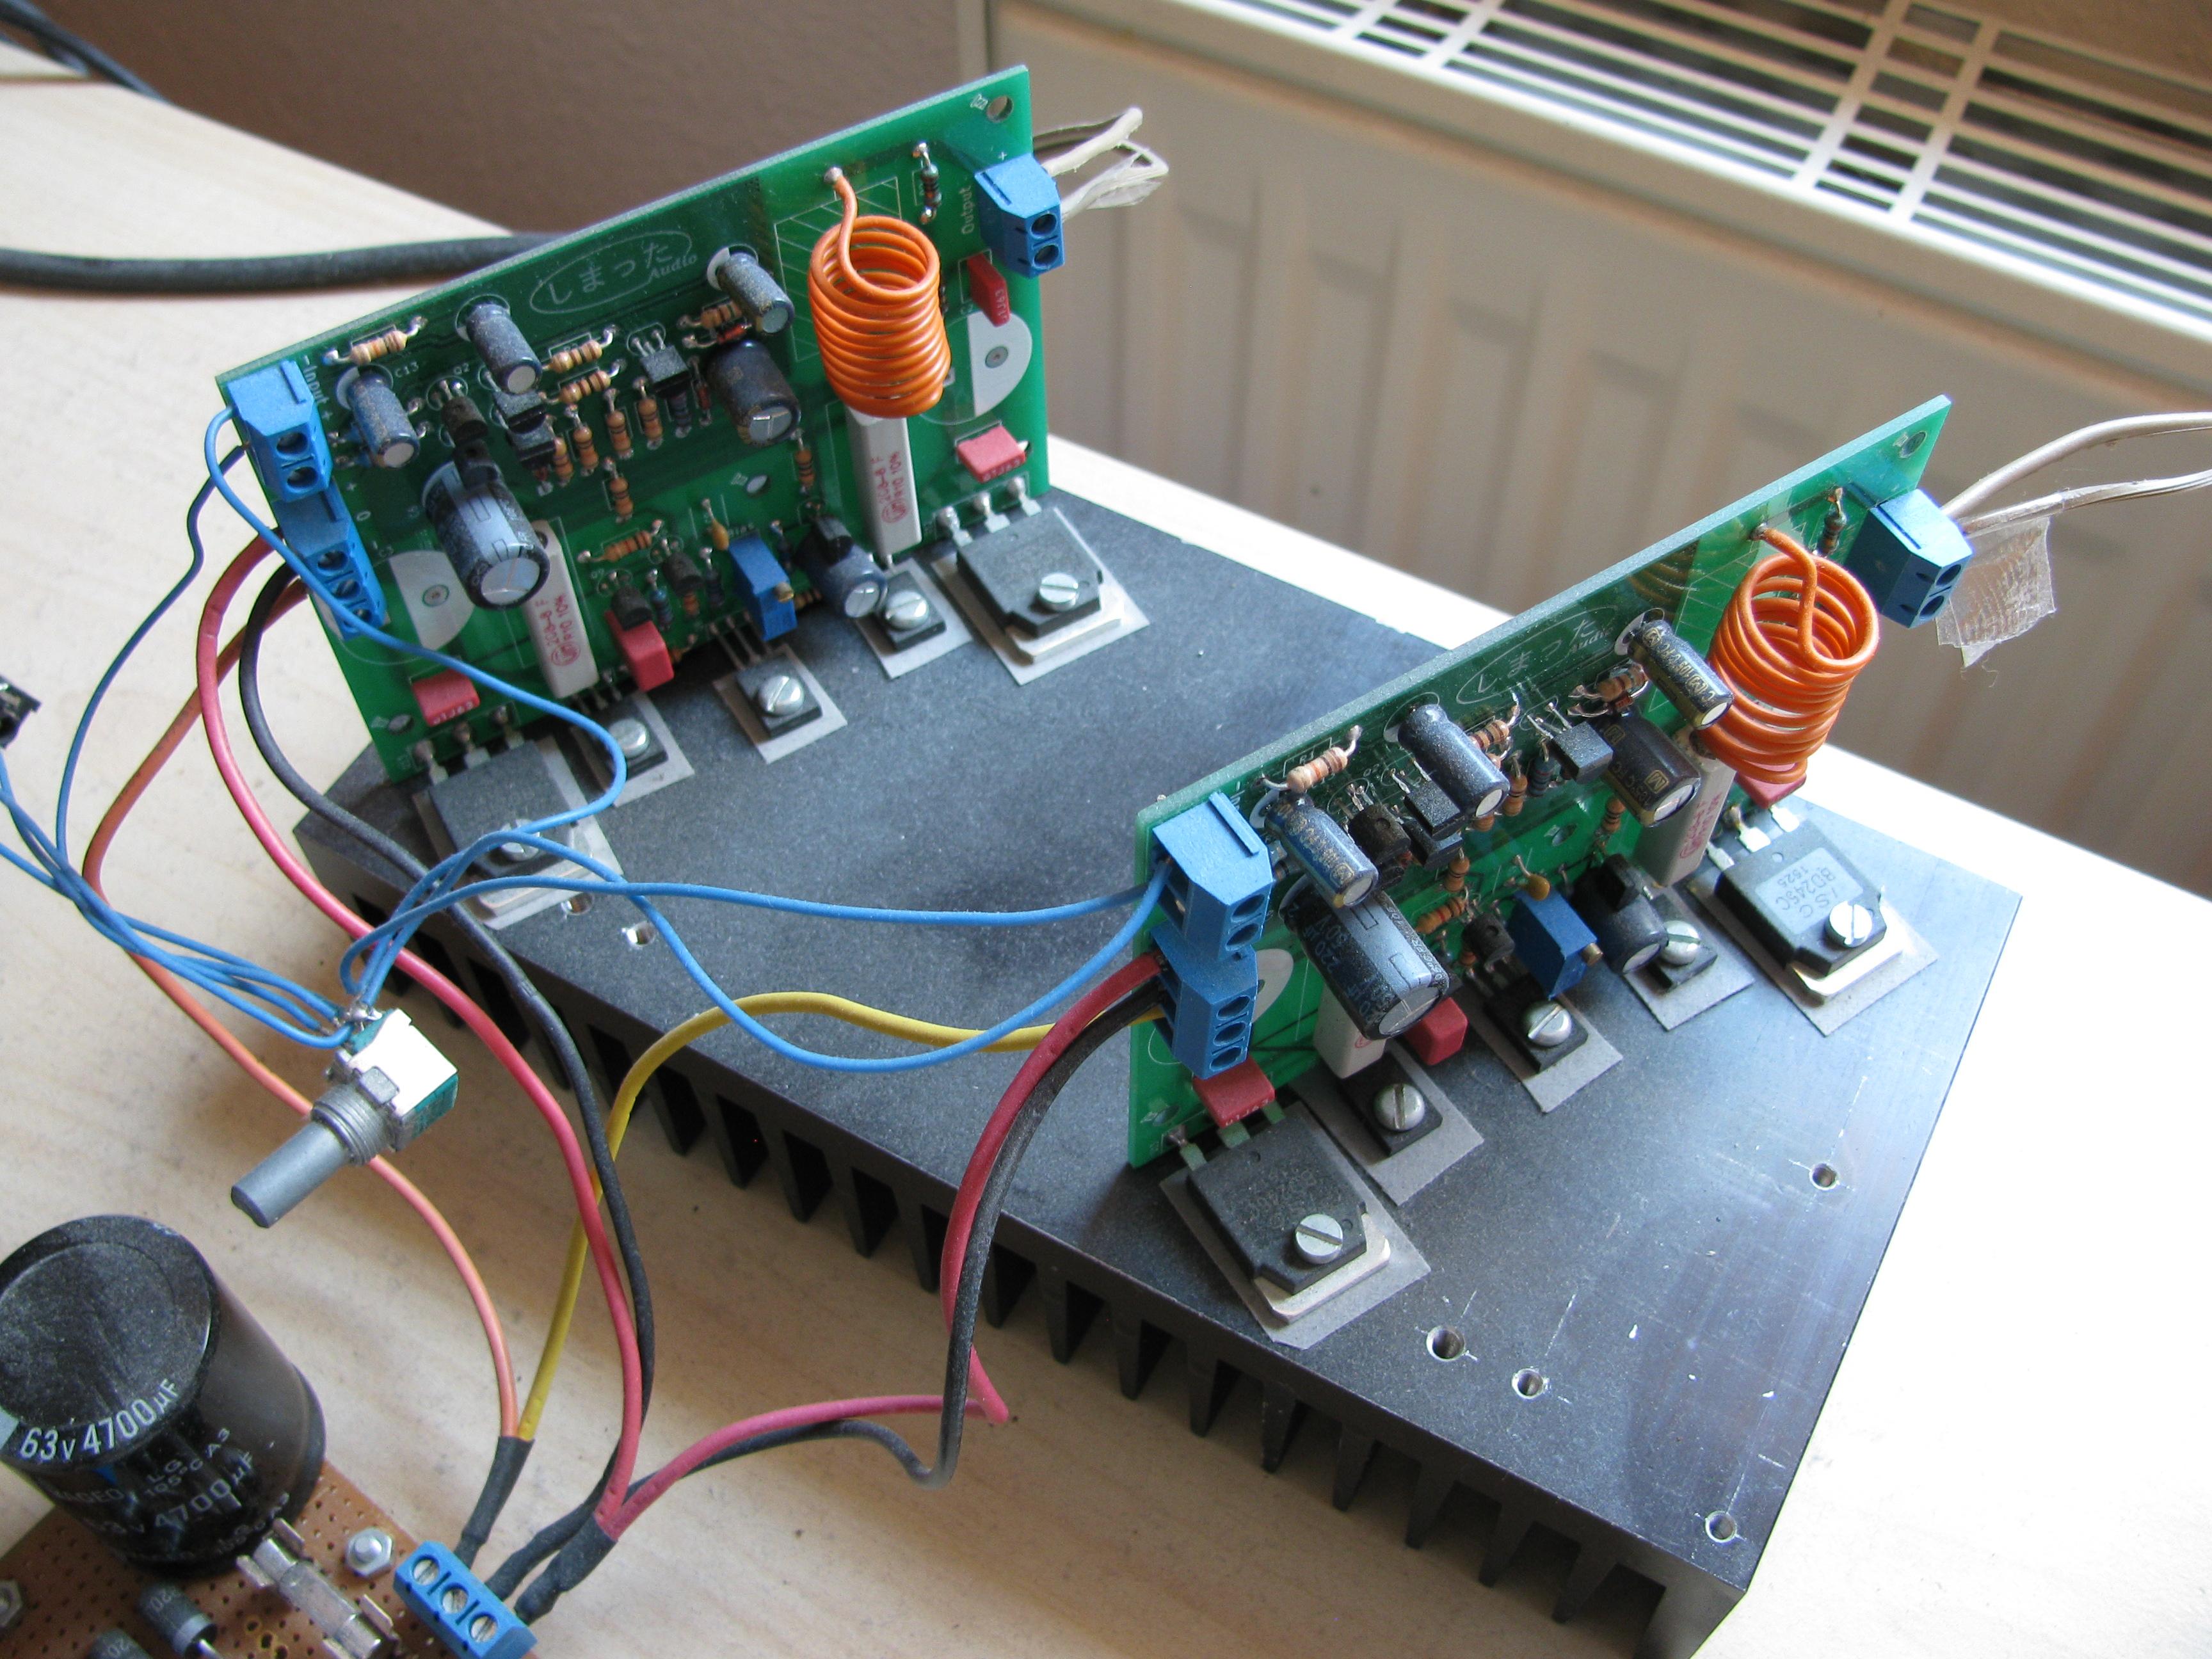 diy power amplifier. Black Bedroom Furniture Sets. Home Design Ideas